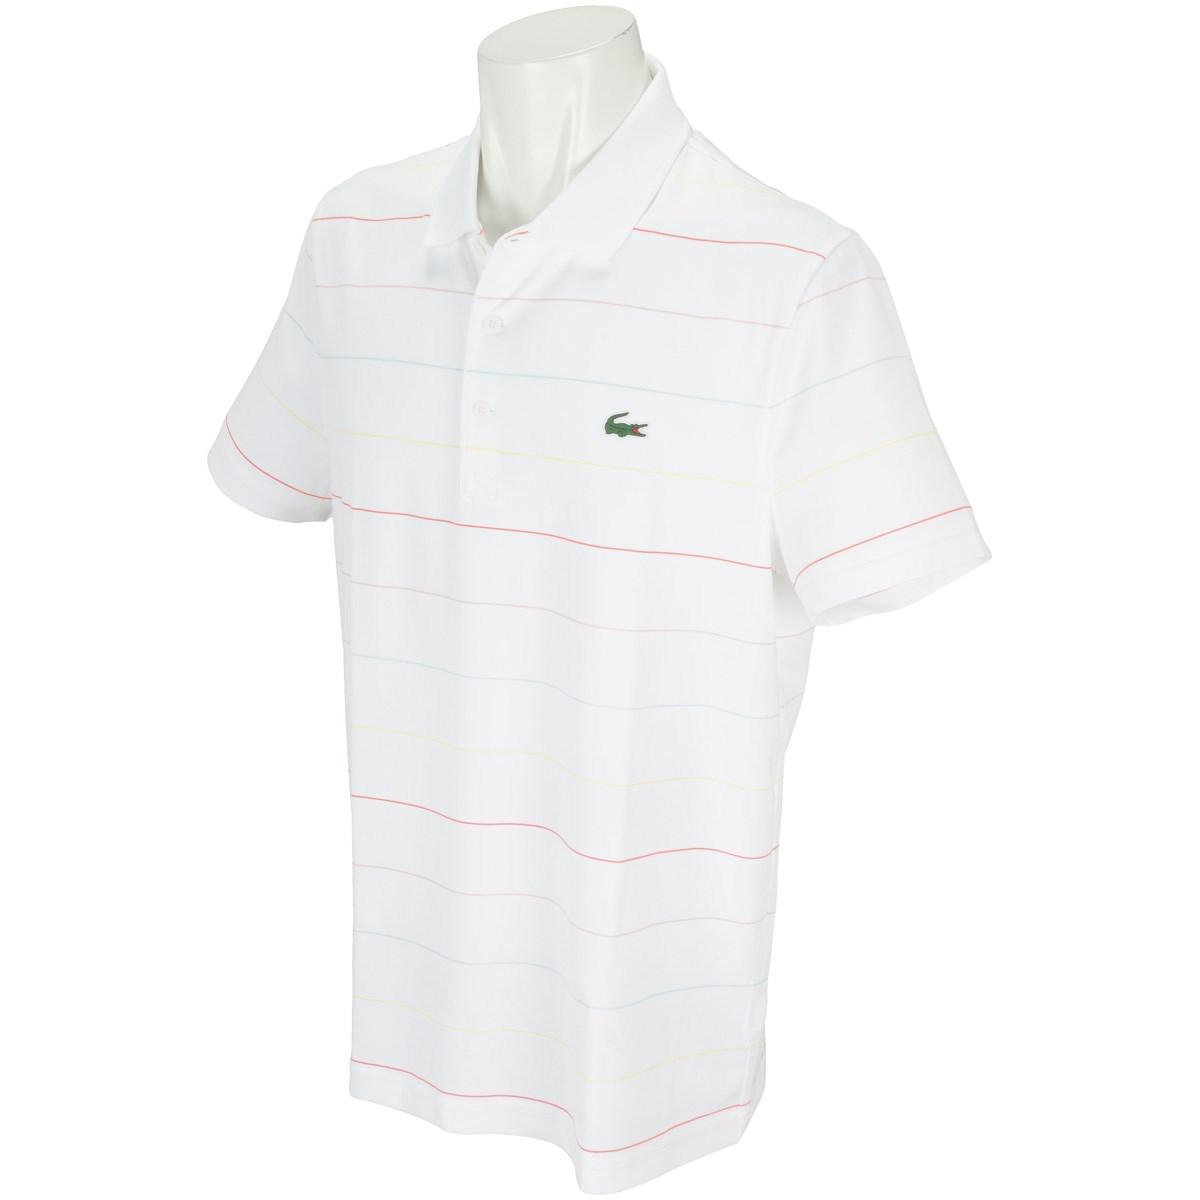 ラコステ ストレッチ クイックドライゴルフ半袖ポロシャツ